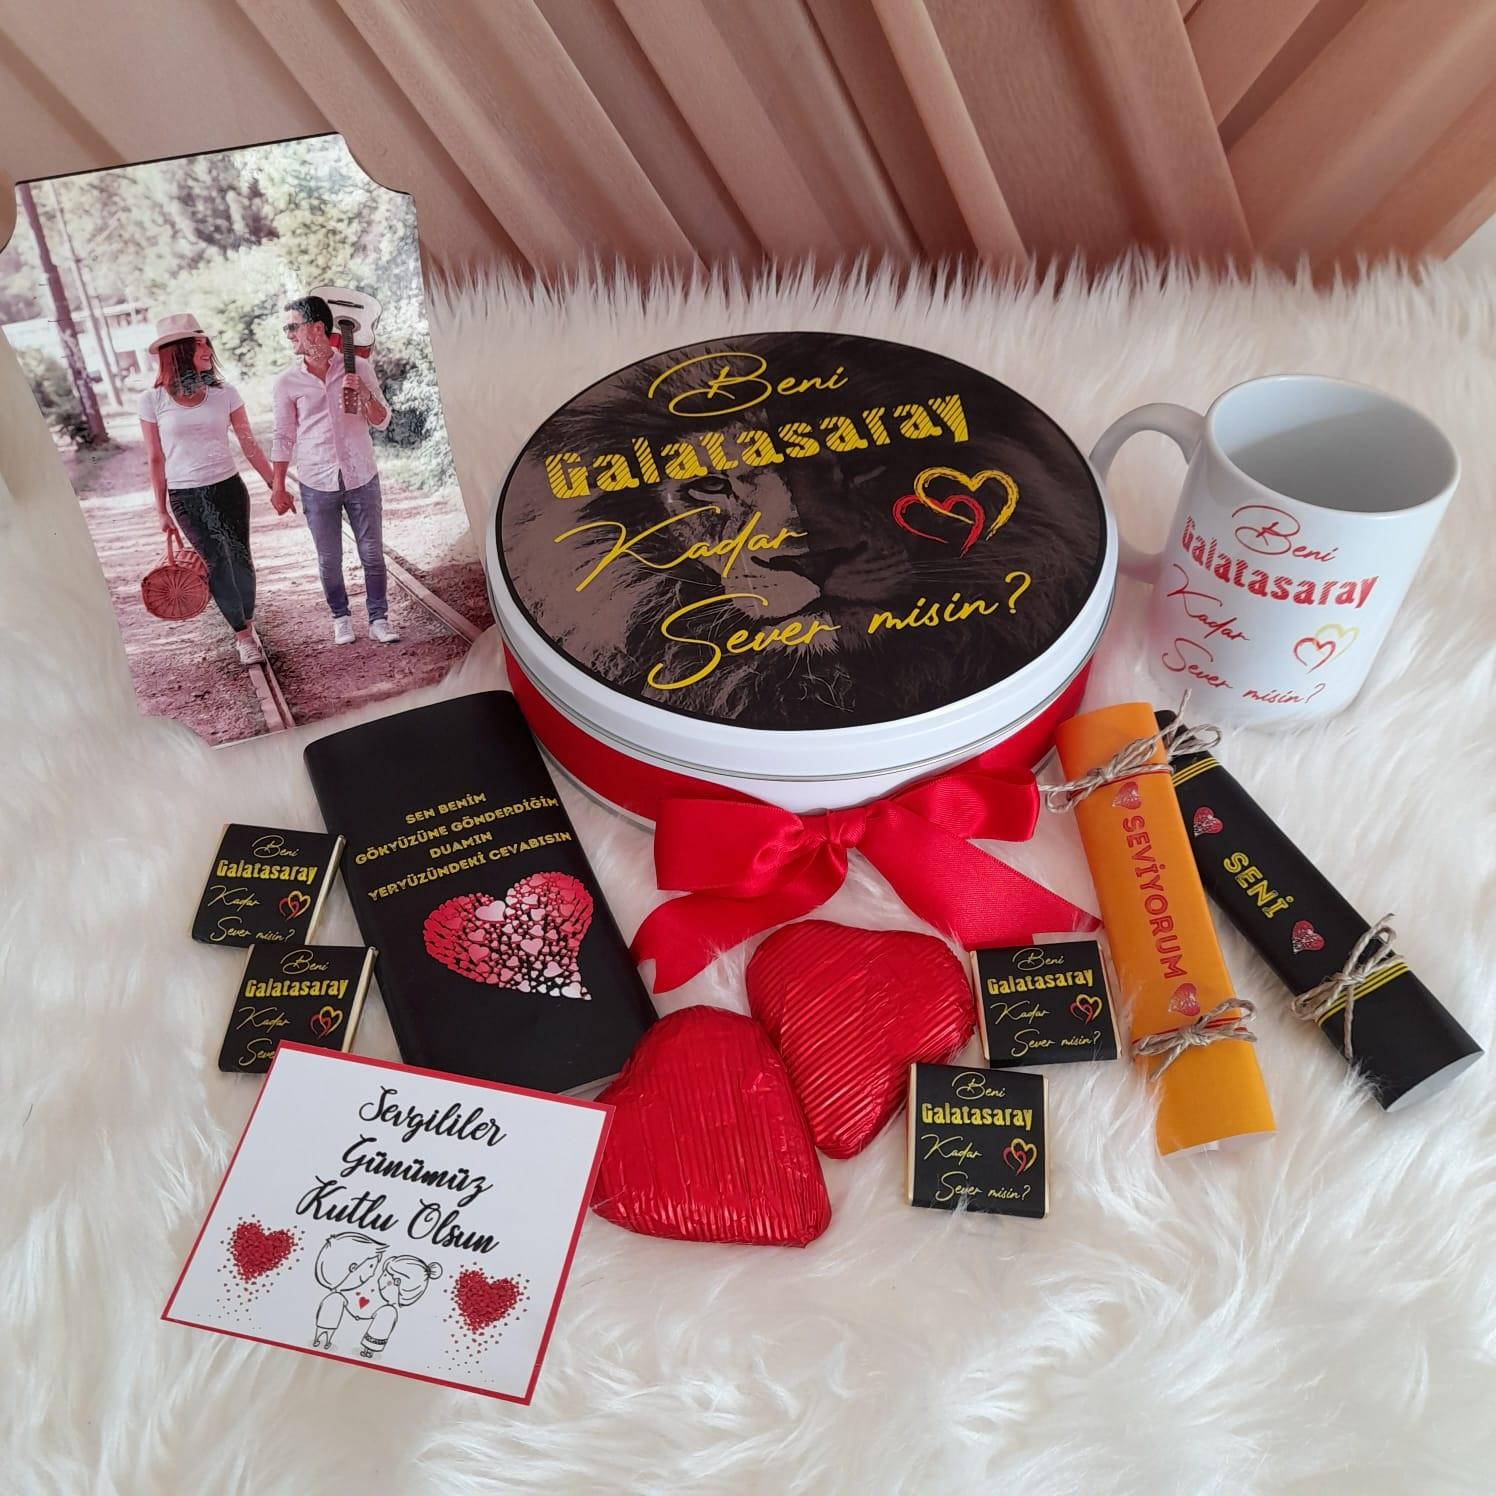 Sevgiliye taraftar çikolatası, sevgiliye hediye, galatasaraylı , sevgililer günü çikolatası